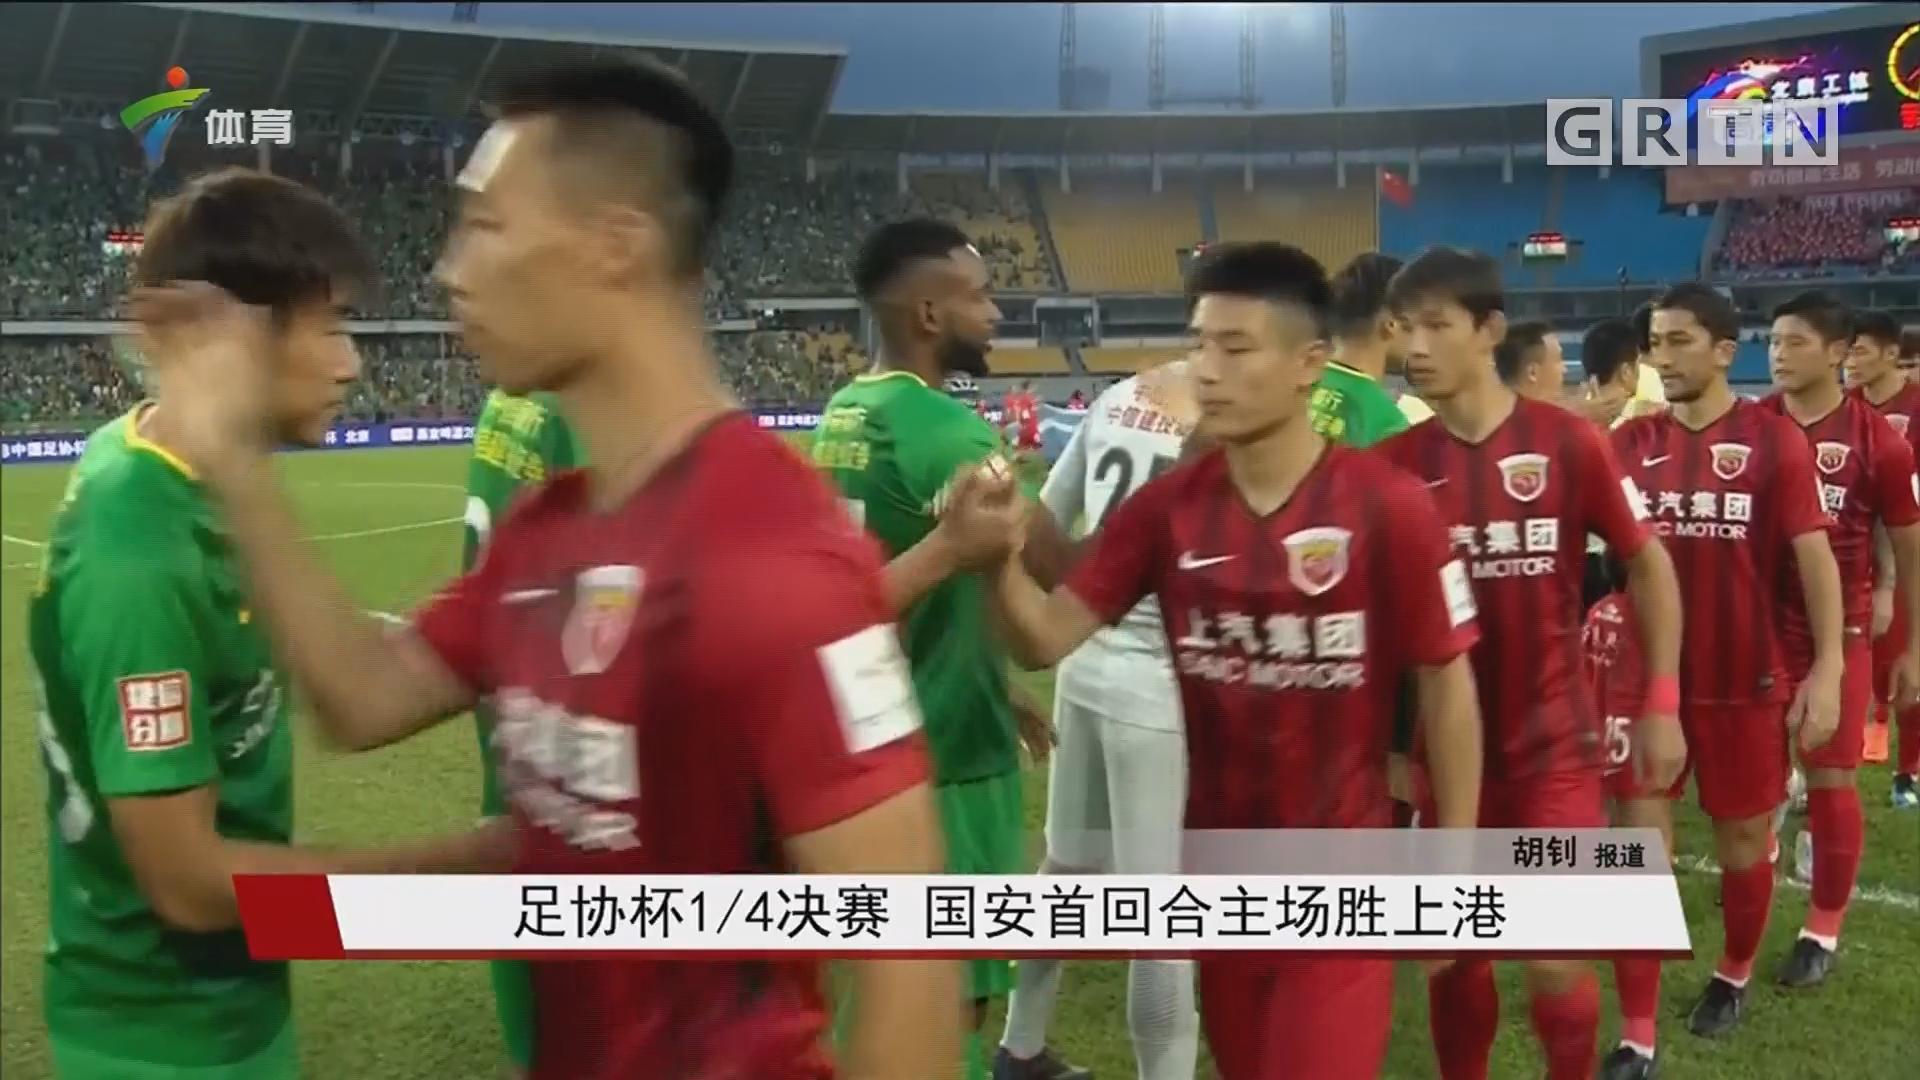 足协杯1/4决赛 国安首回合主场胜上港